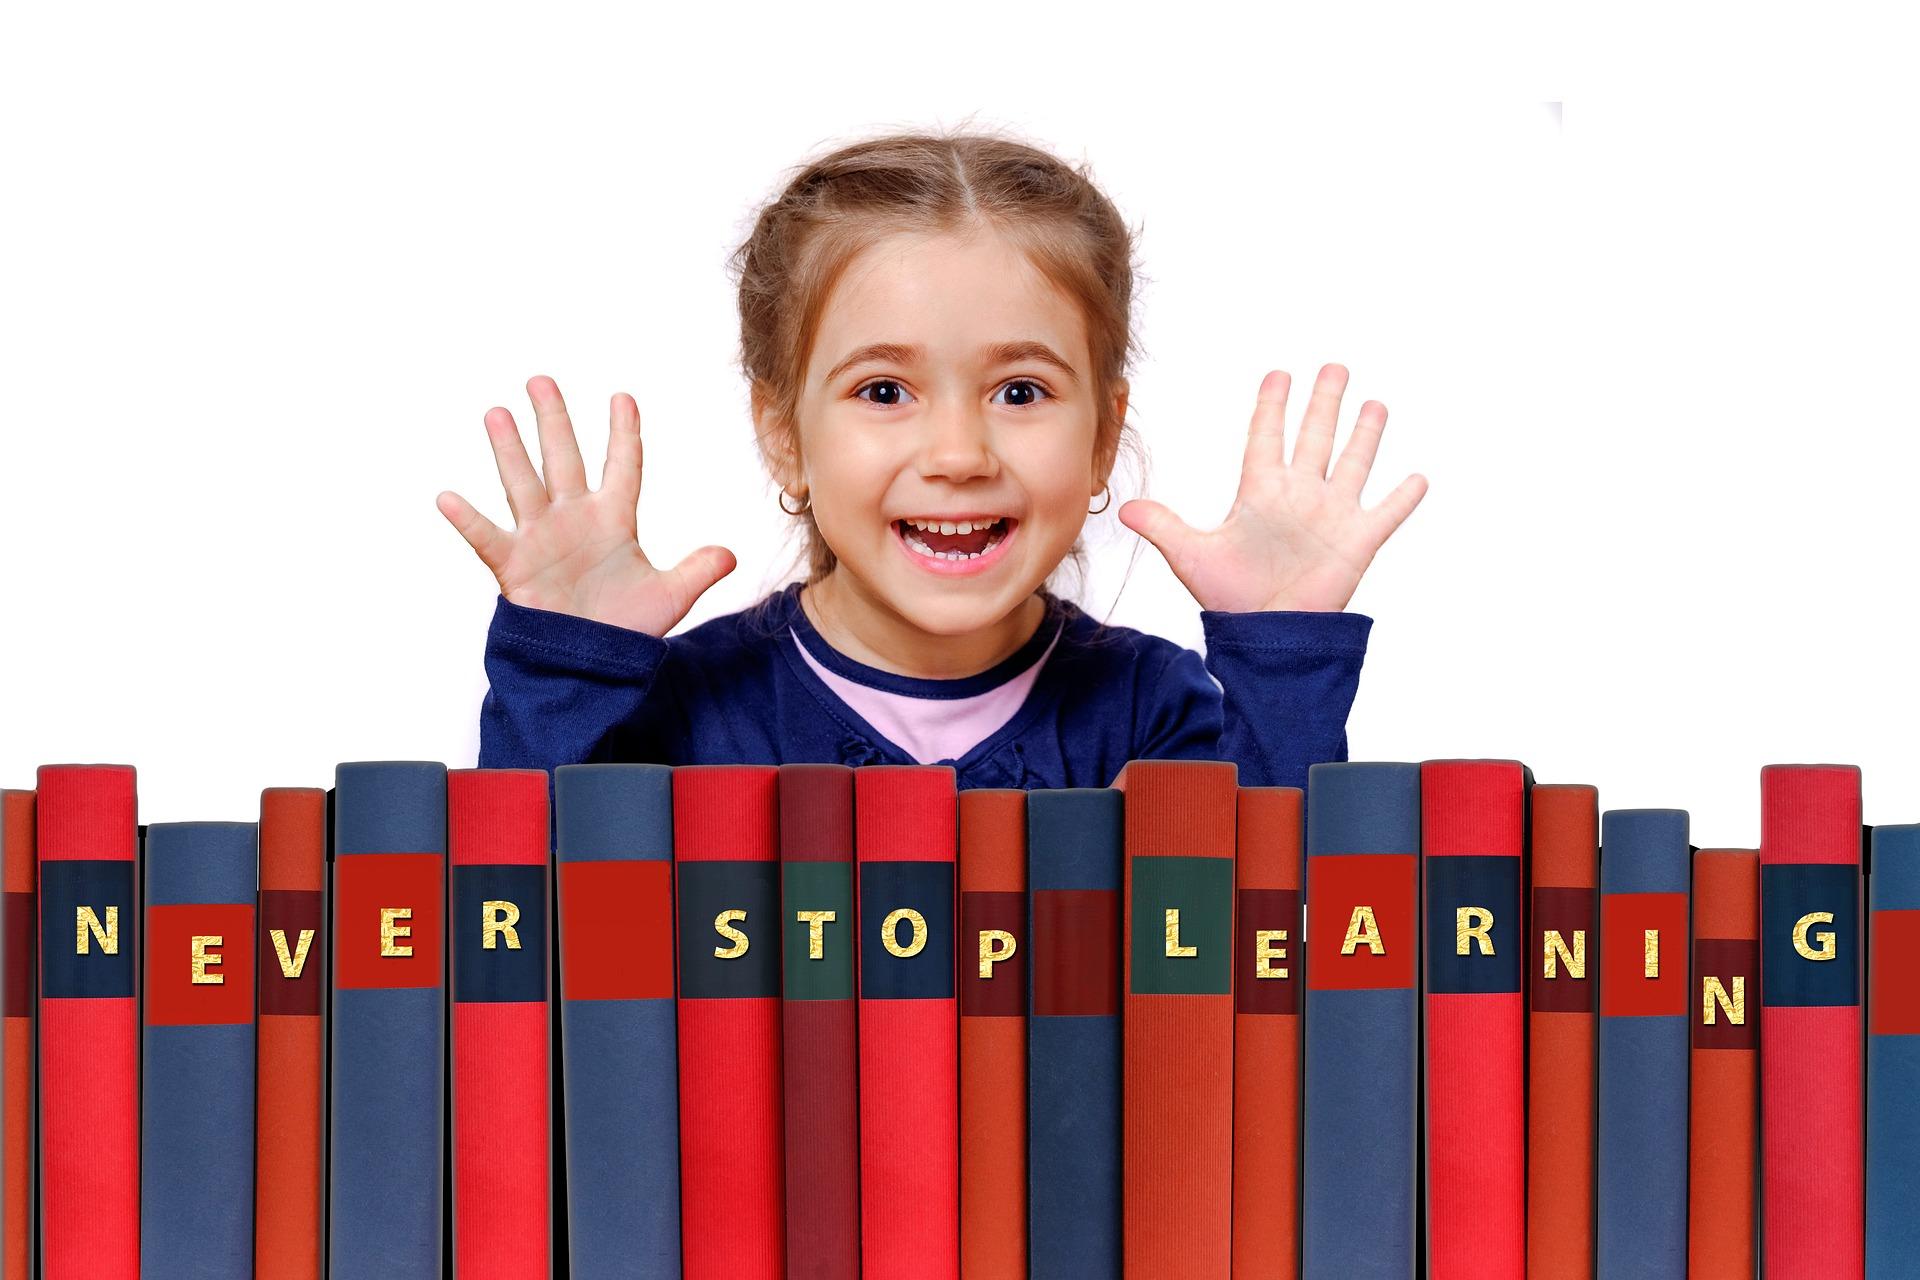 learn-2706897_1920.jpg